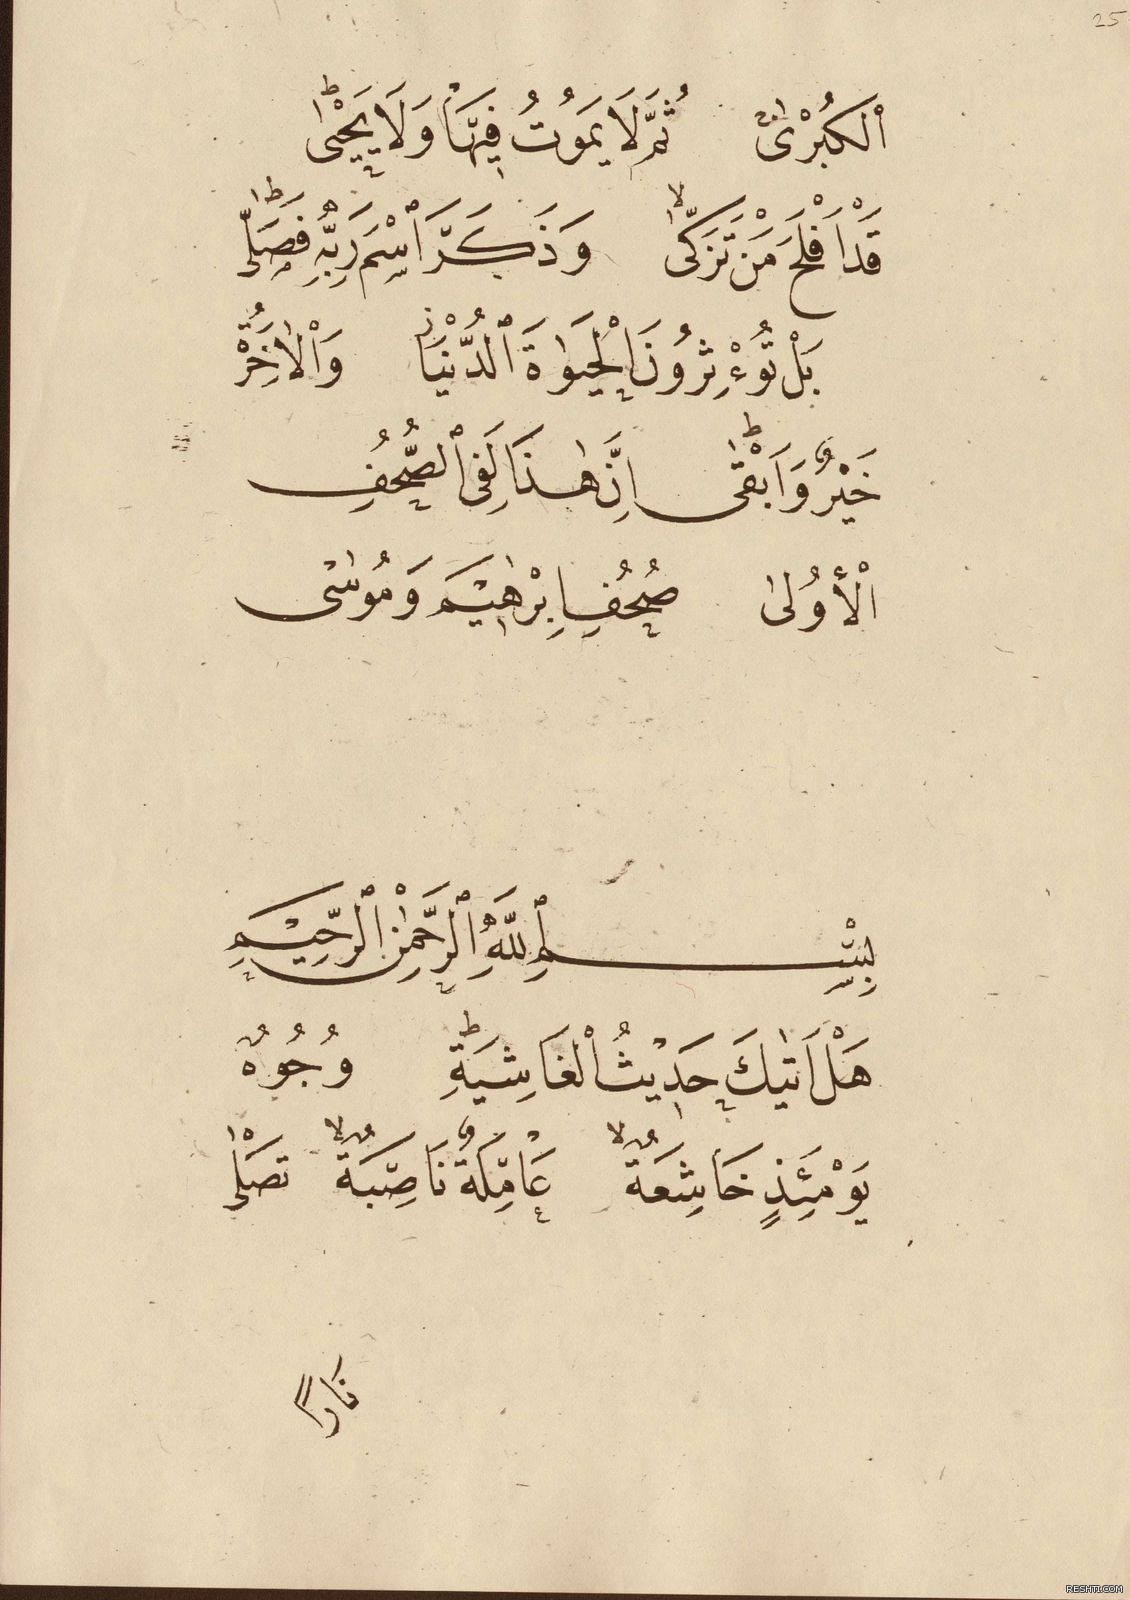 جزء عم بخط محمد شوقي 8